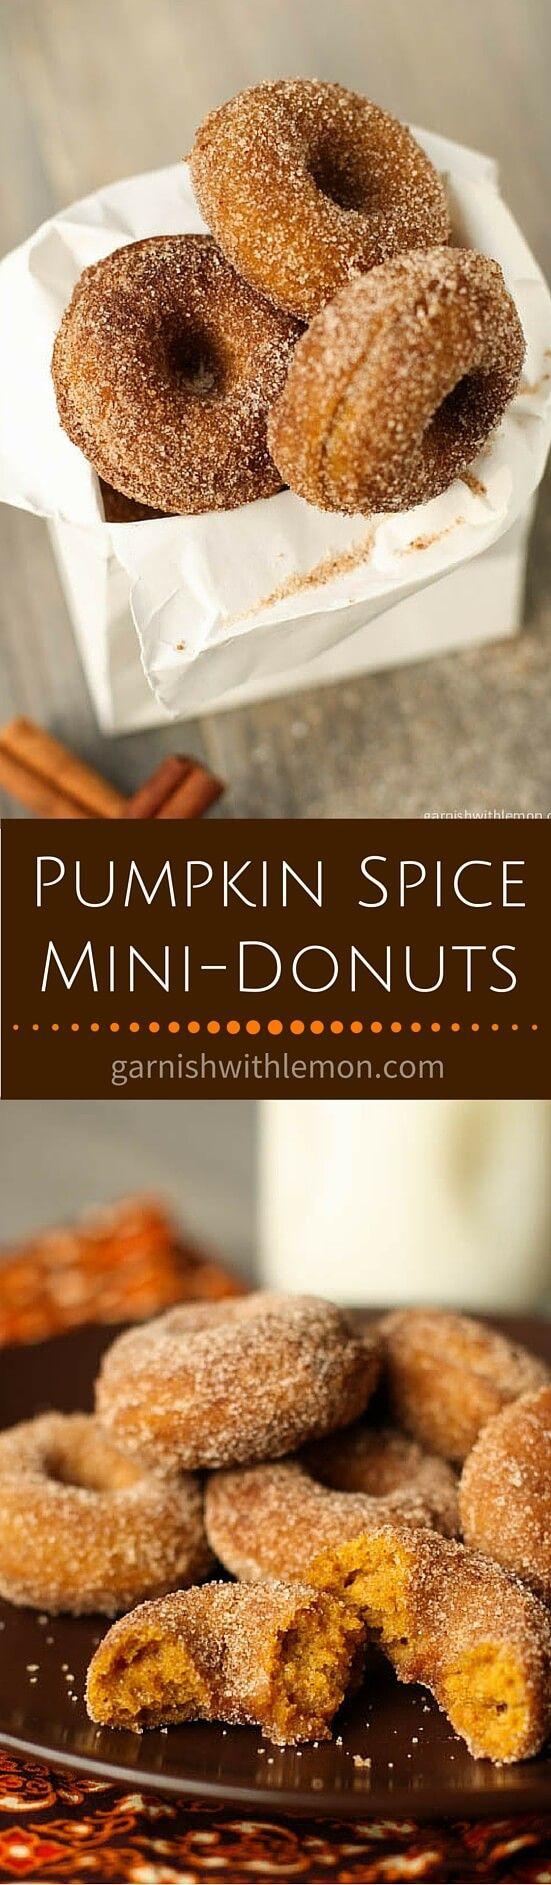 Pumpkin Spice Mini-Donuts